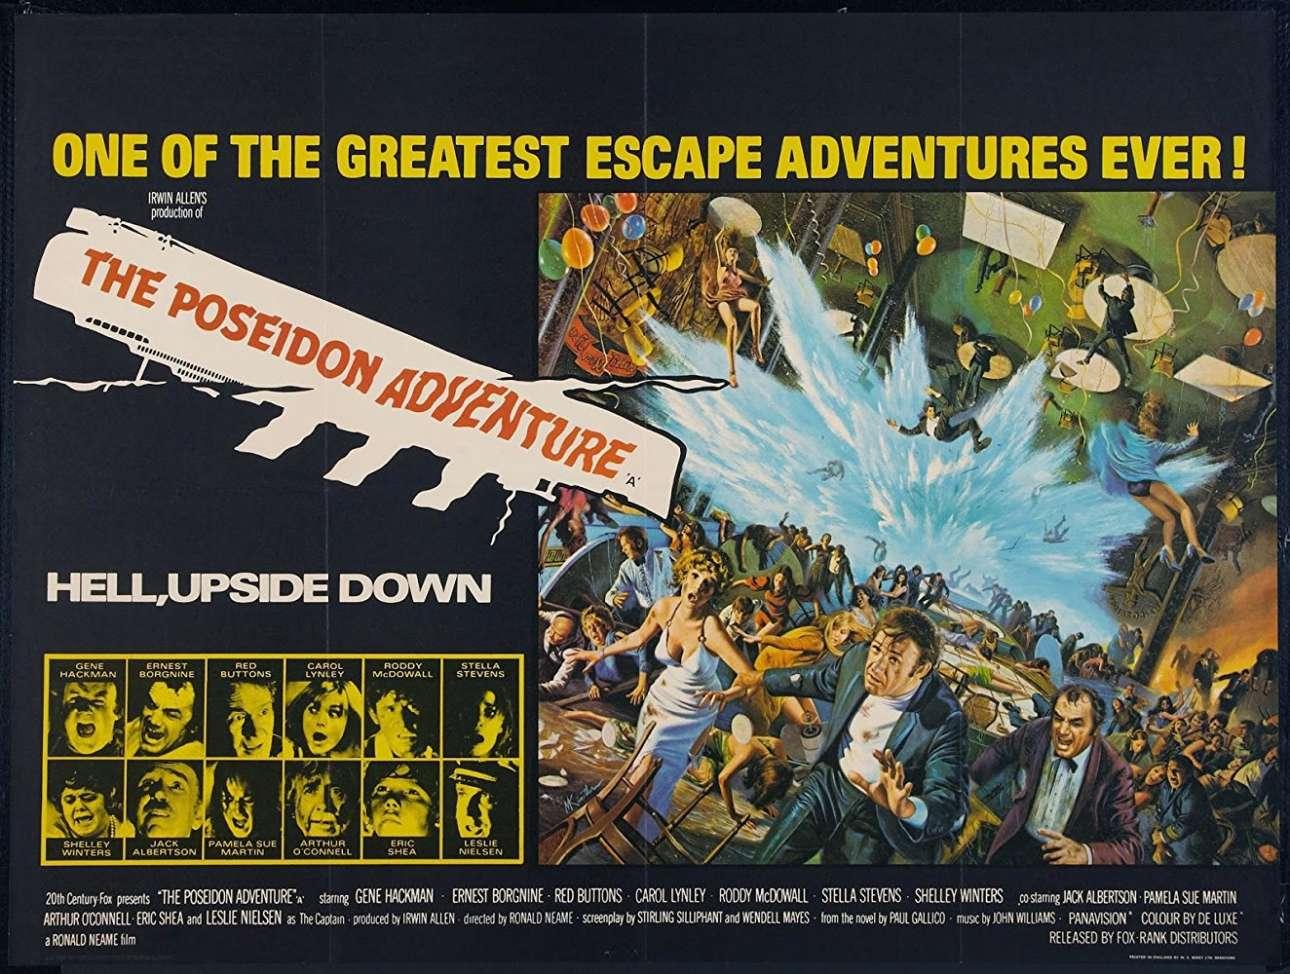 Η αφίσα ίσως της κλασικότερης και πιο κραυγαλέας ταινίας καταστροφής. «Η Περιπέτεια του Ποσειδώνος» (1972) διαδραματίζεται ένα βράδυ παραμονής Πρωτοχρονιάς. Ολοι διασκεδάζουν στο ρεβεγιόν του κρουαζιερόπλοιου μέχρι που ένα γιγάντιο κύμα αναποδογυρίζει το πλοίο. Κάποιους τους σώνει ο Τζιν Χάκμαν αλλά όχι όλους...